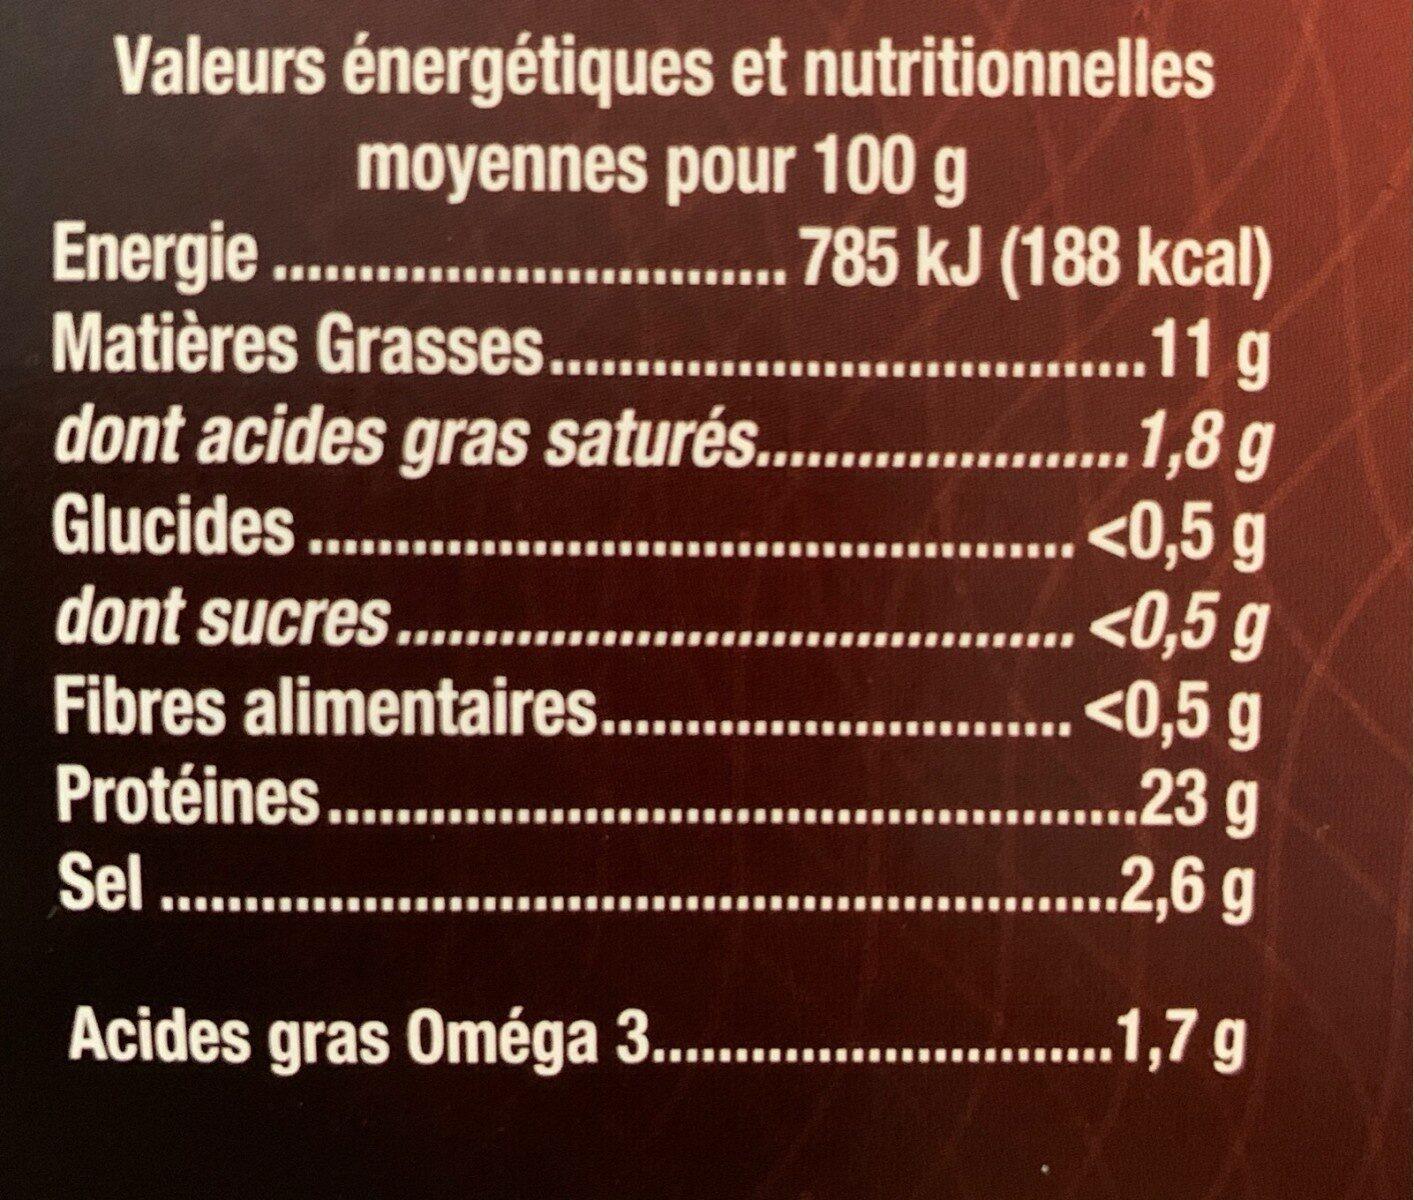 Saumon Fumé superieur Ecosse - Informations nutritionnelles - fr